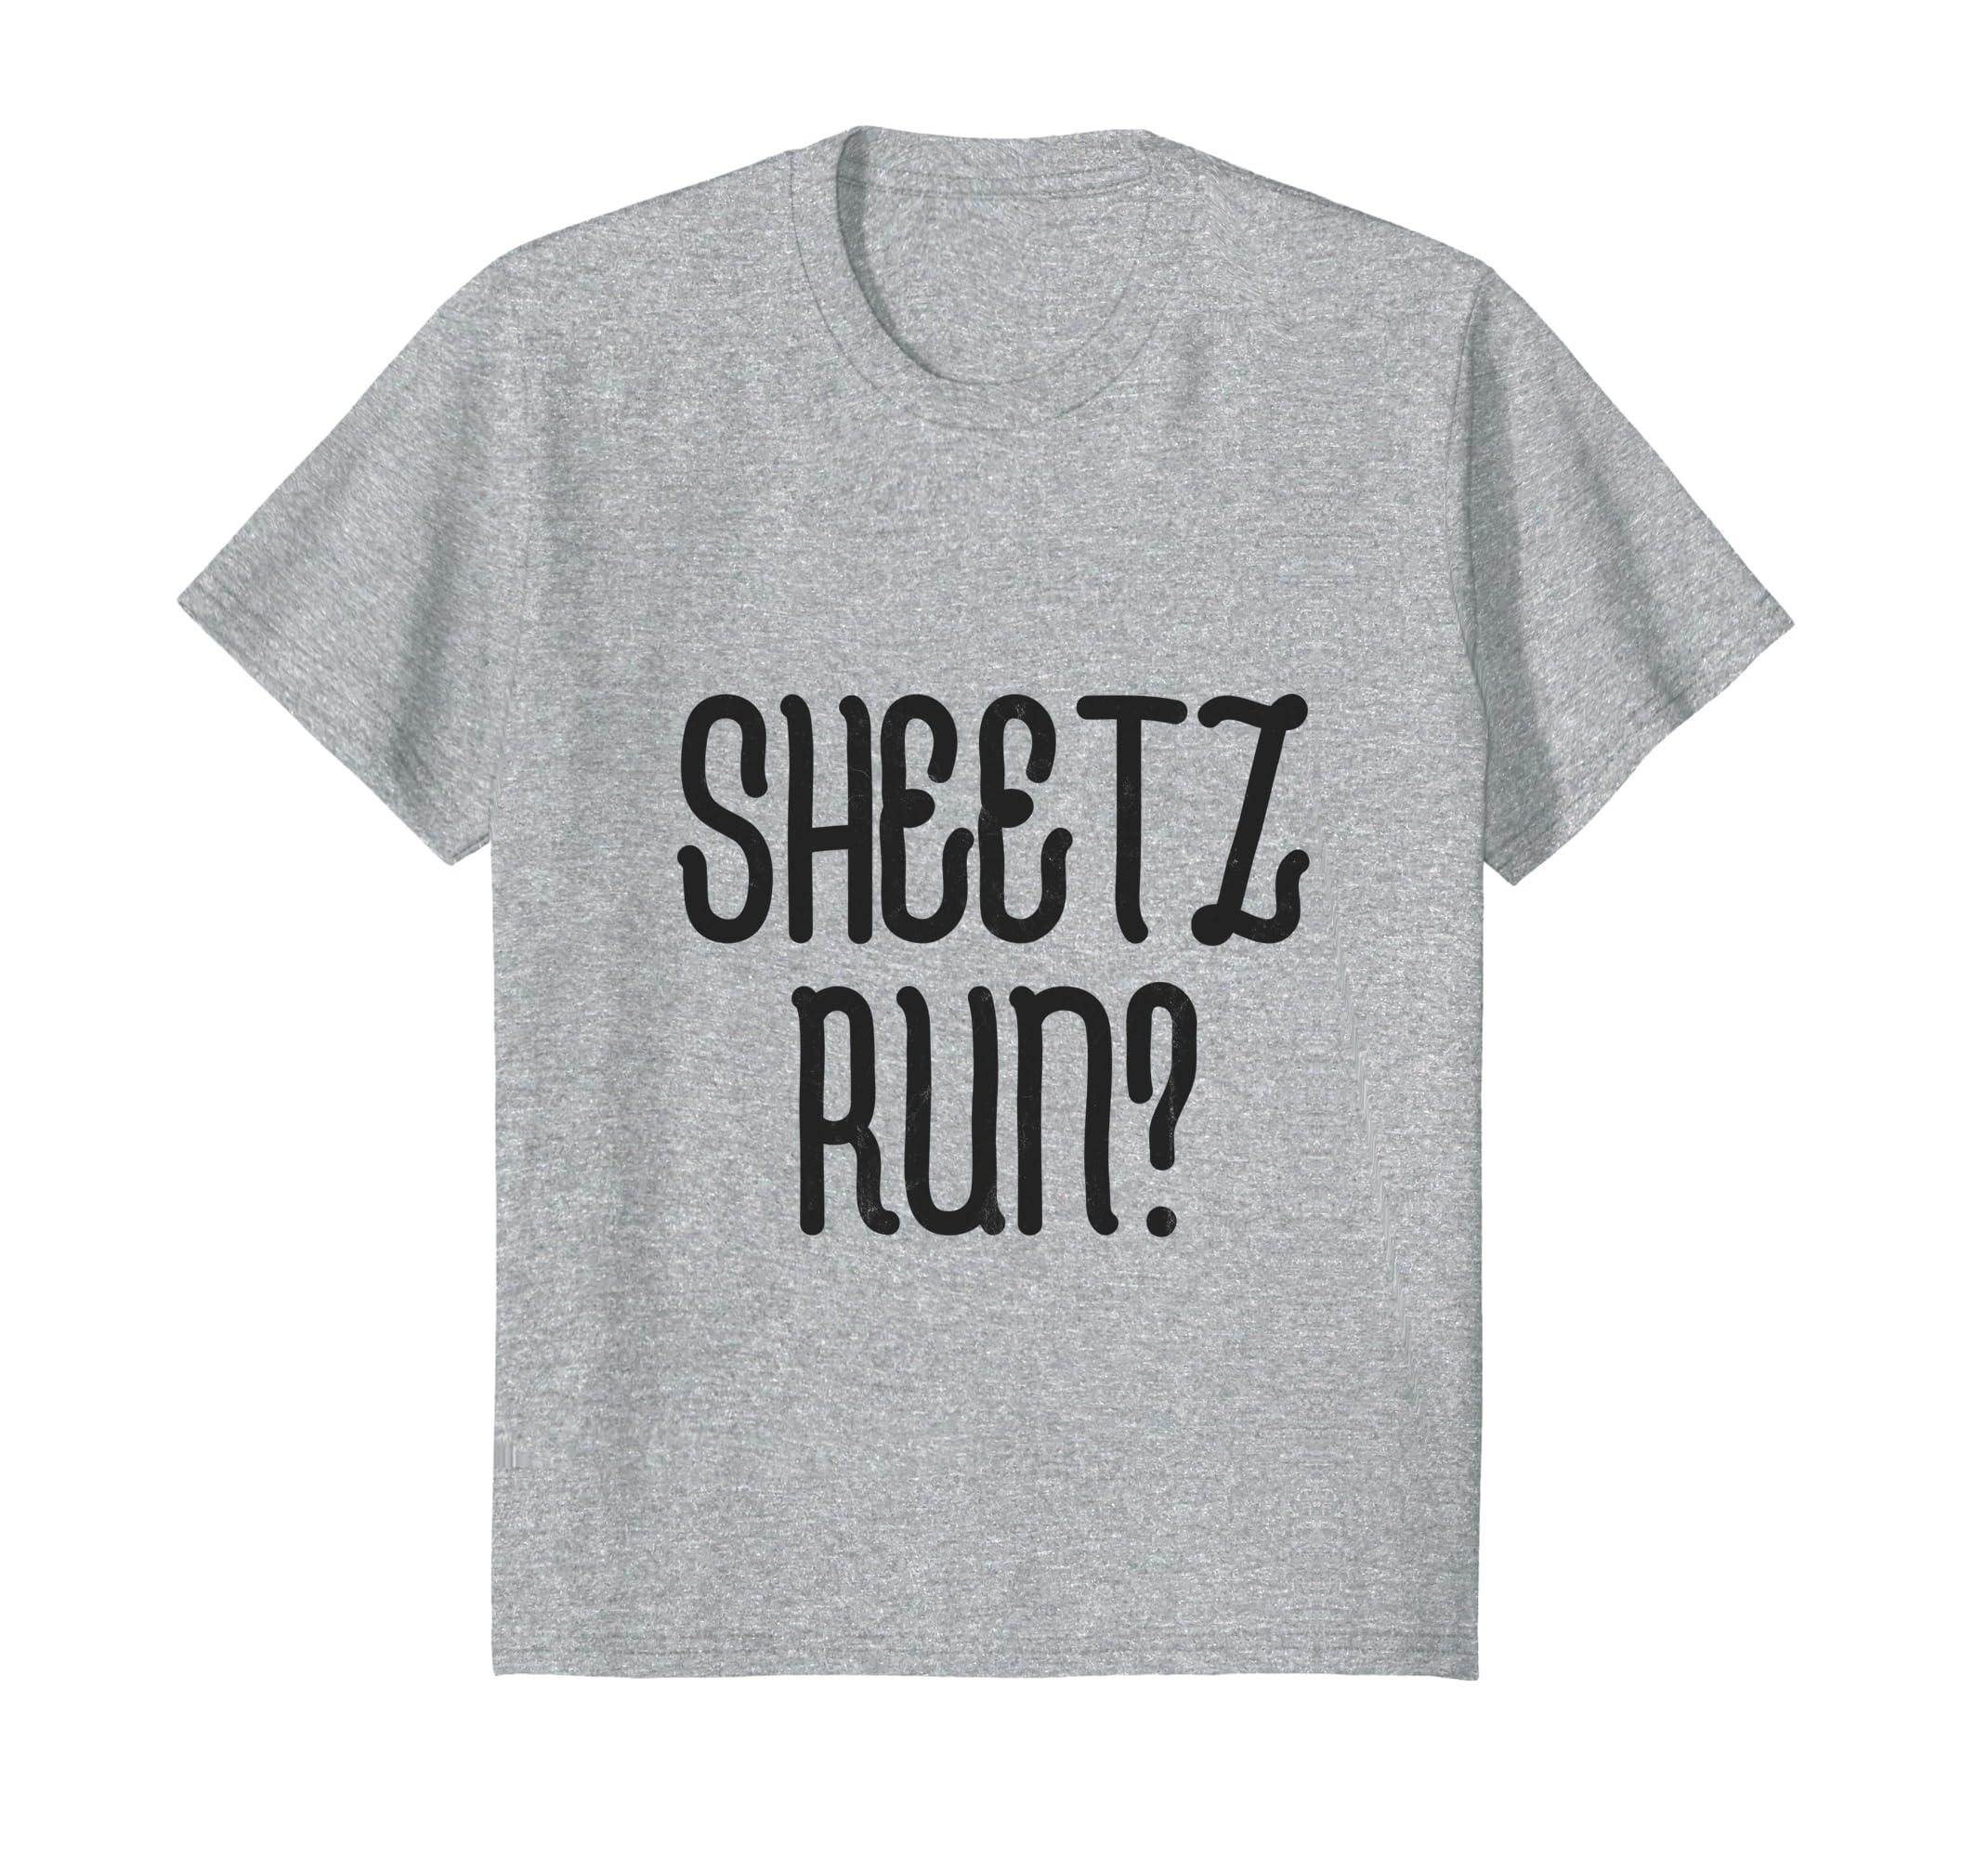 Amazon.com: Sheetz Run Funny PA Meme Tshirt: Clothing